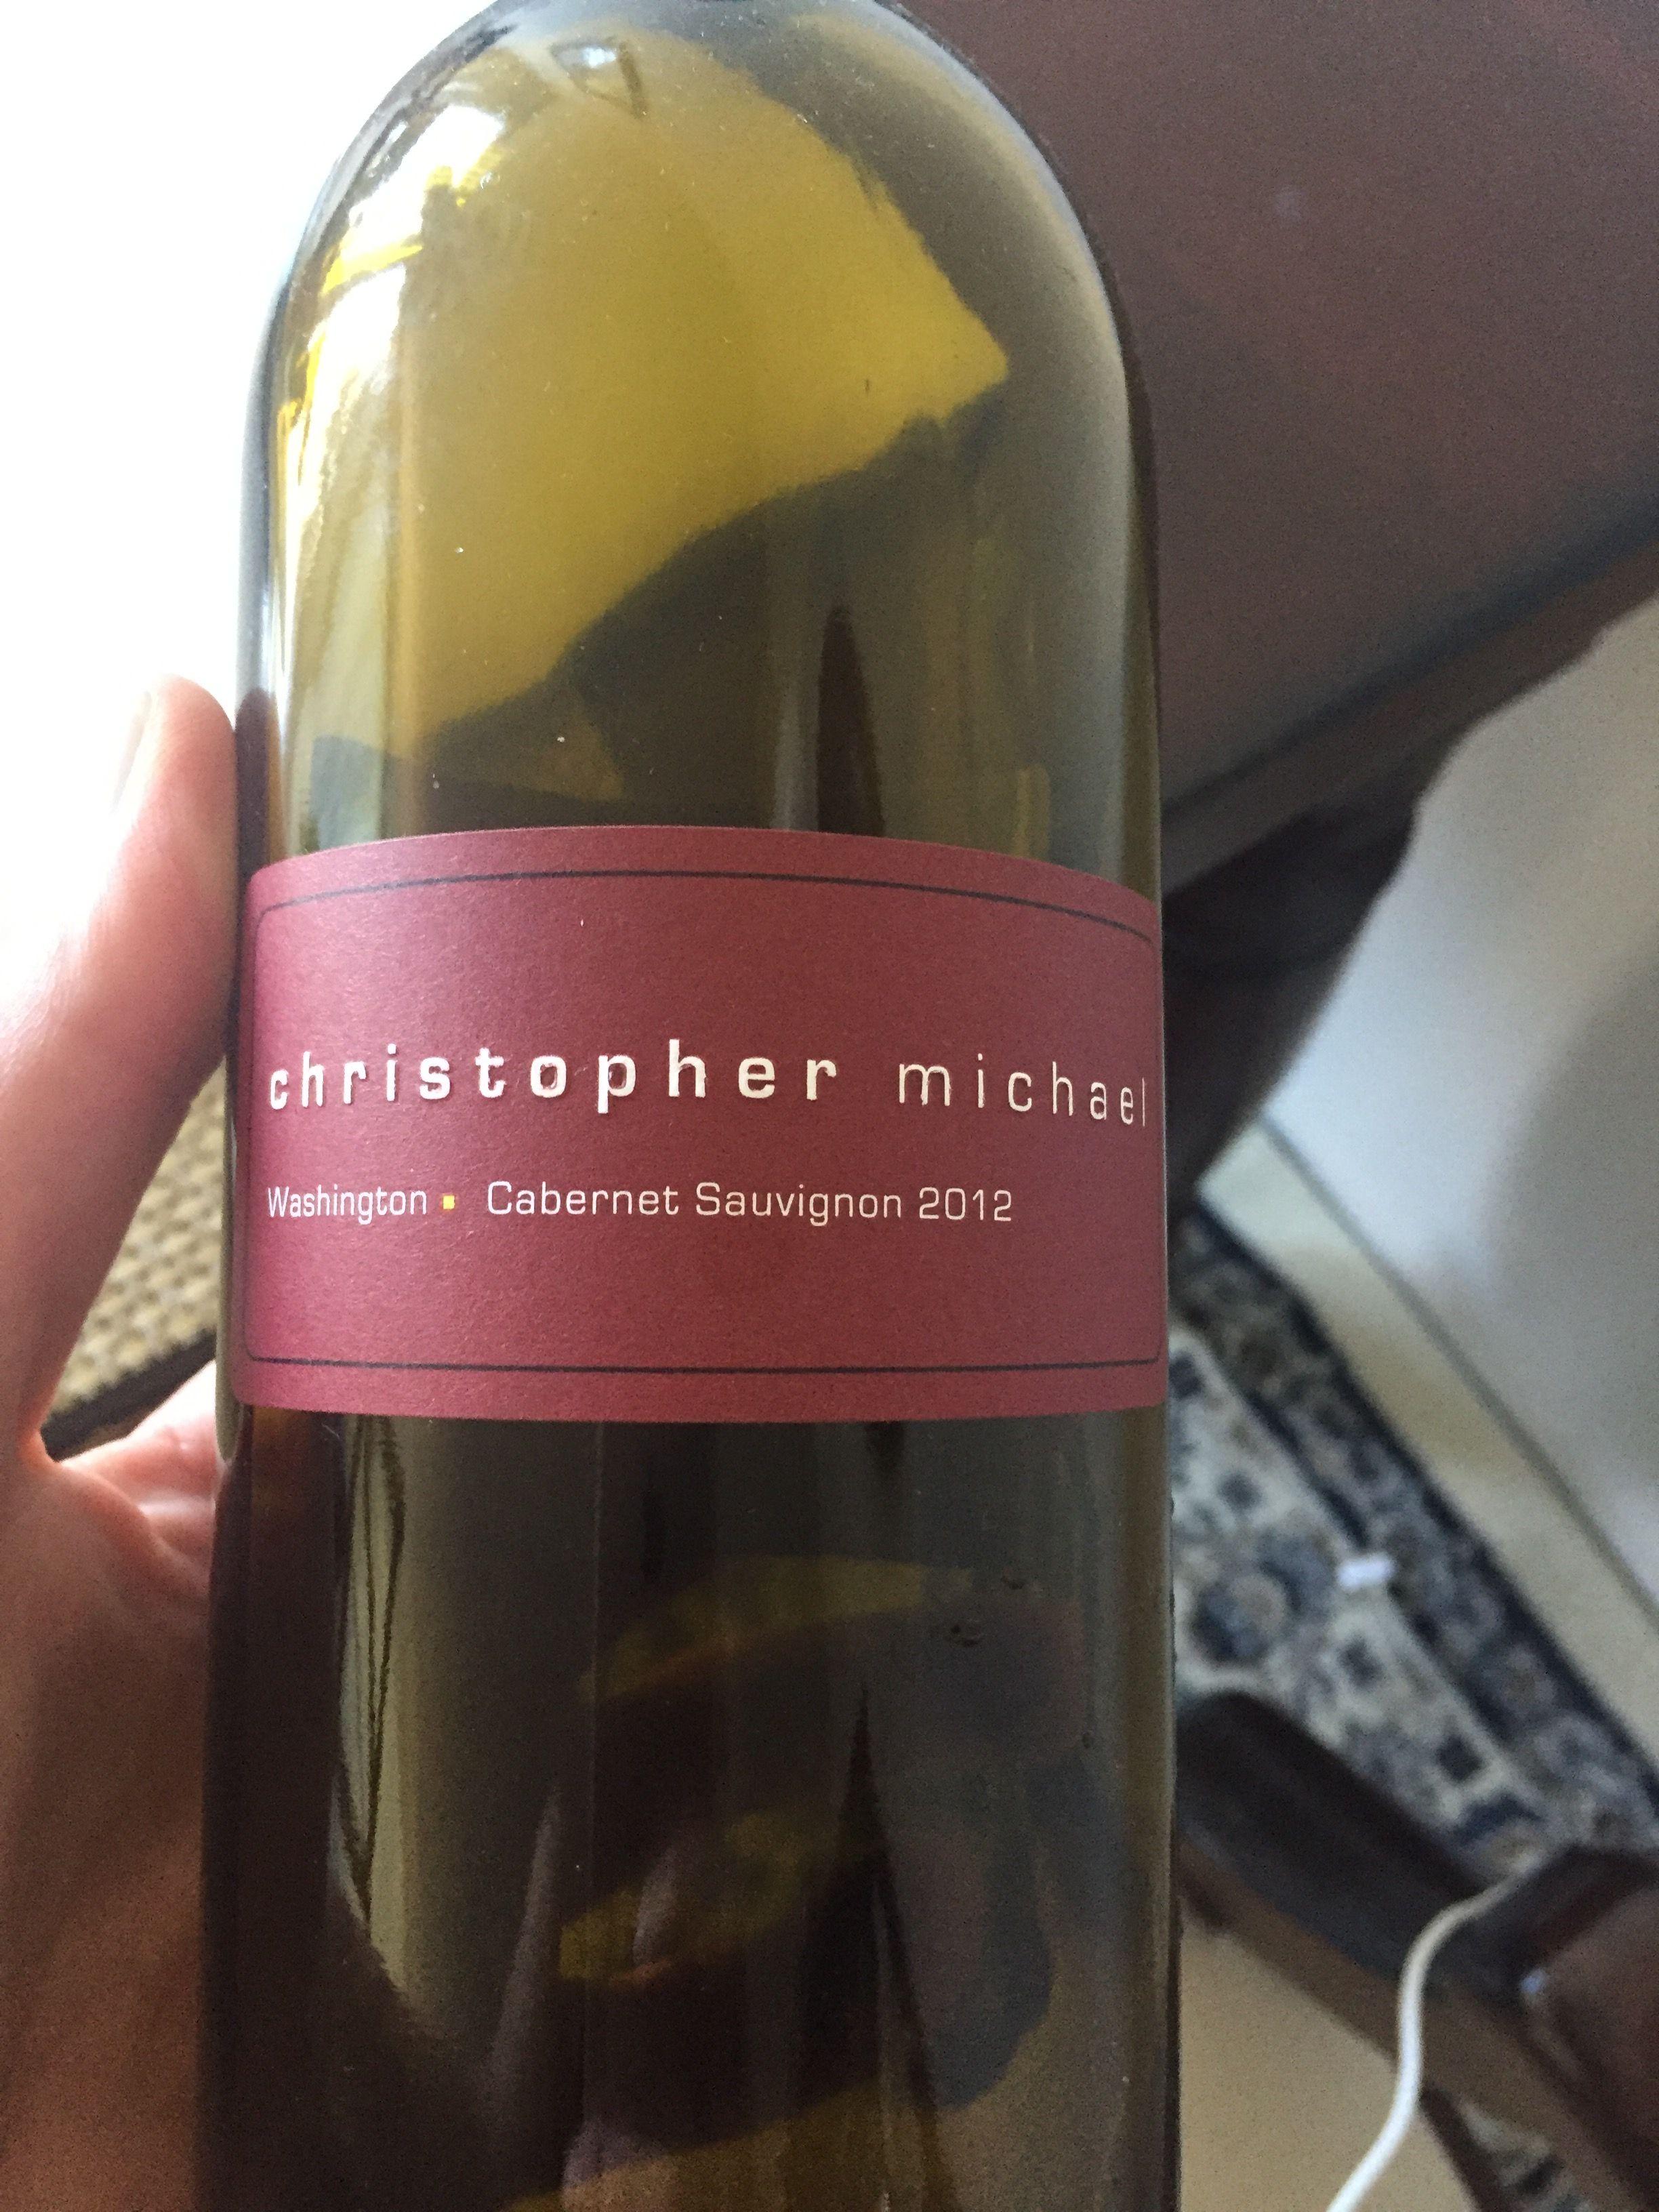 Pin By Lindsey Carreon On Wino Wine Bottle Cabernet Sauvignon Sauvignon